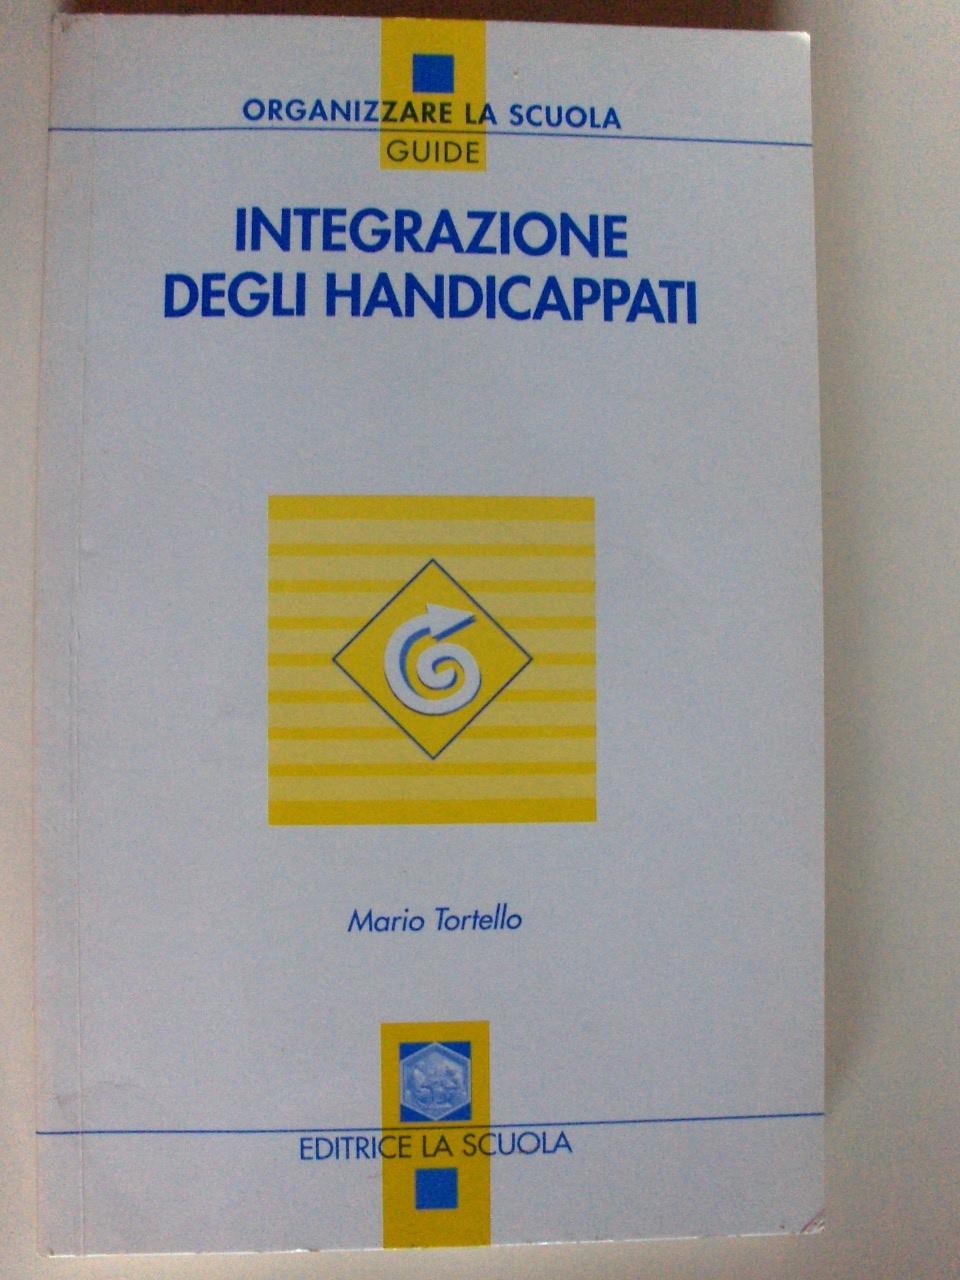 Integrazione degli handicappati